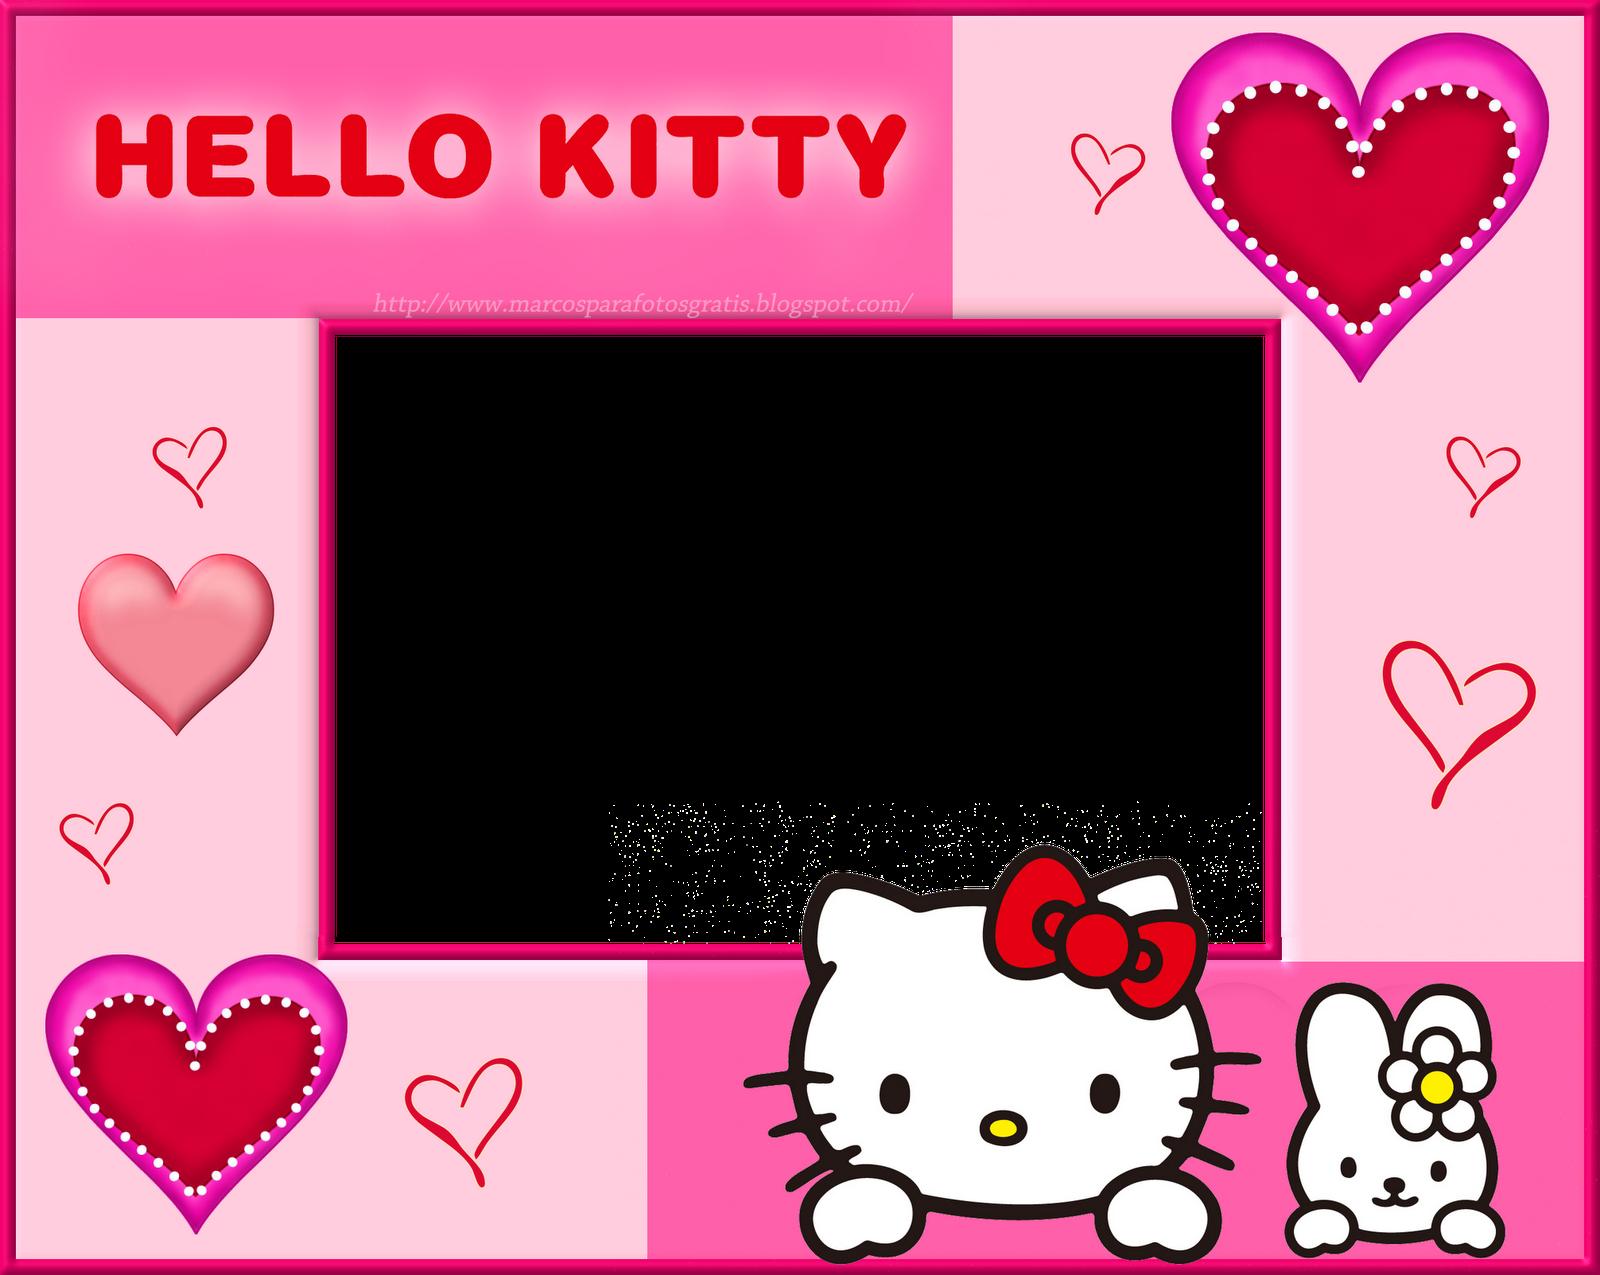 Pin von Bonnie Cunningham auf Hello Kitty | Pinterest